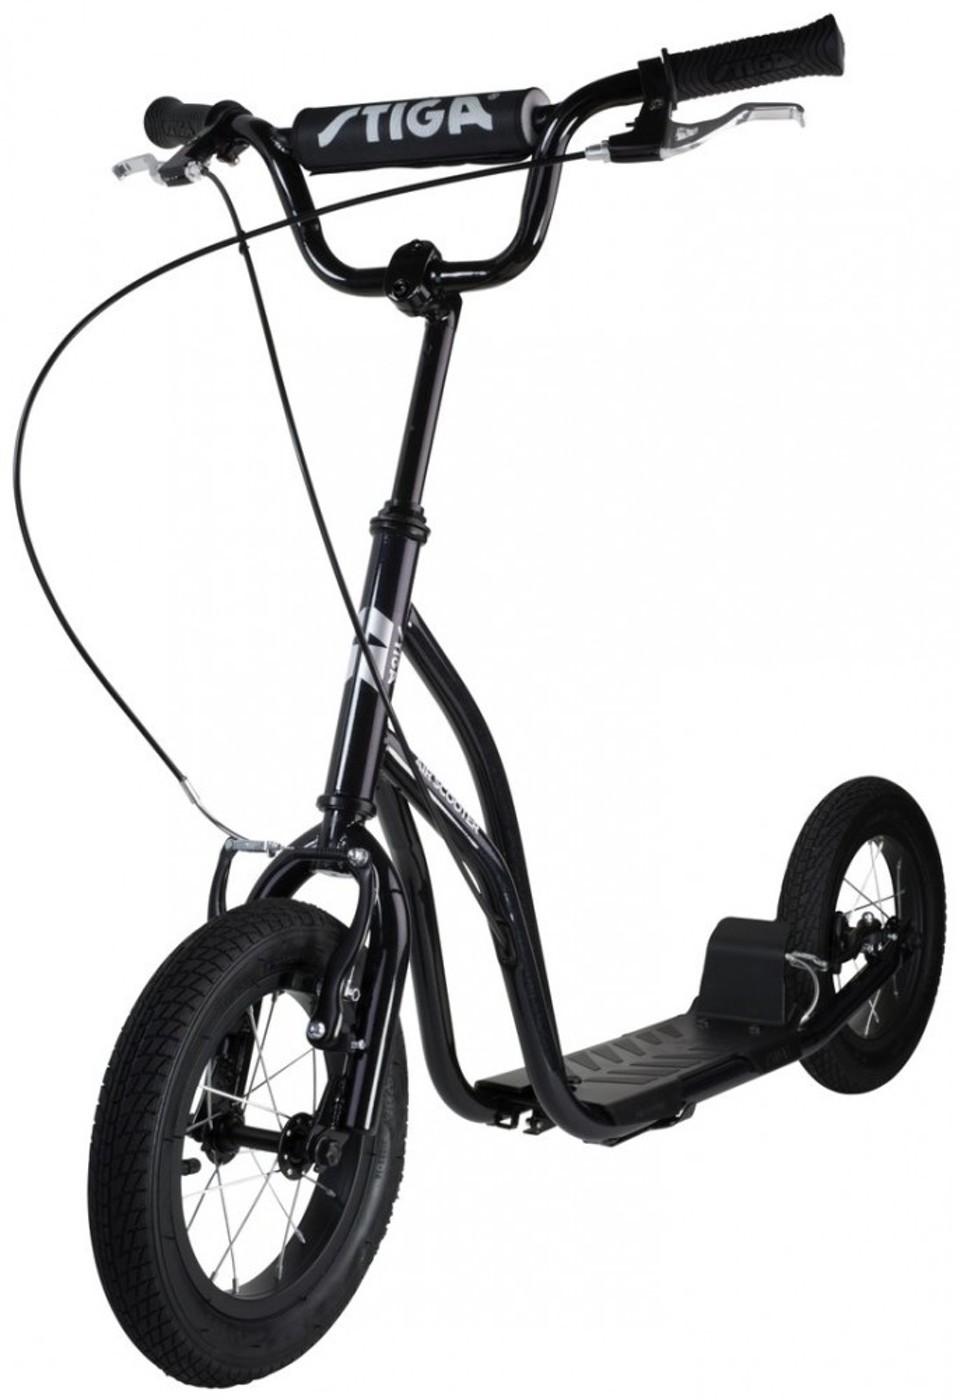 STIGA Air Scooter 12